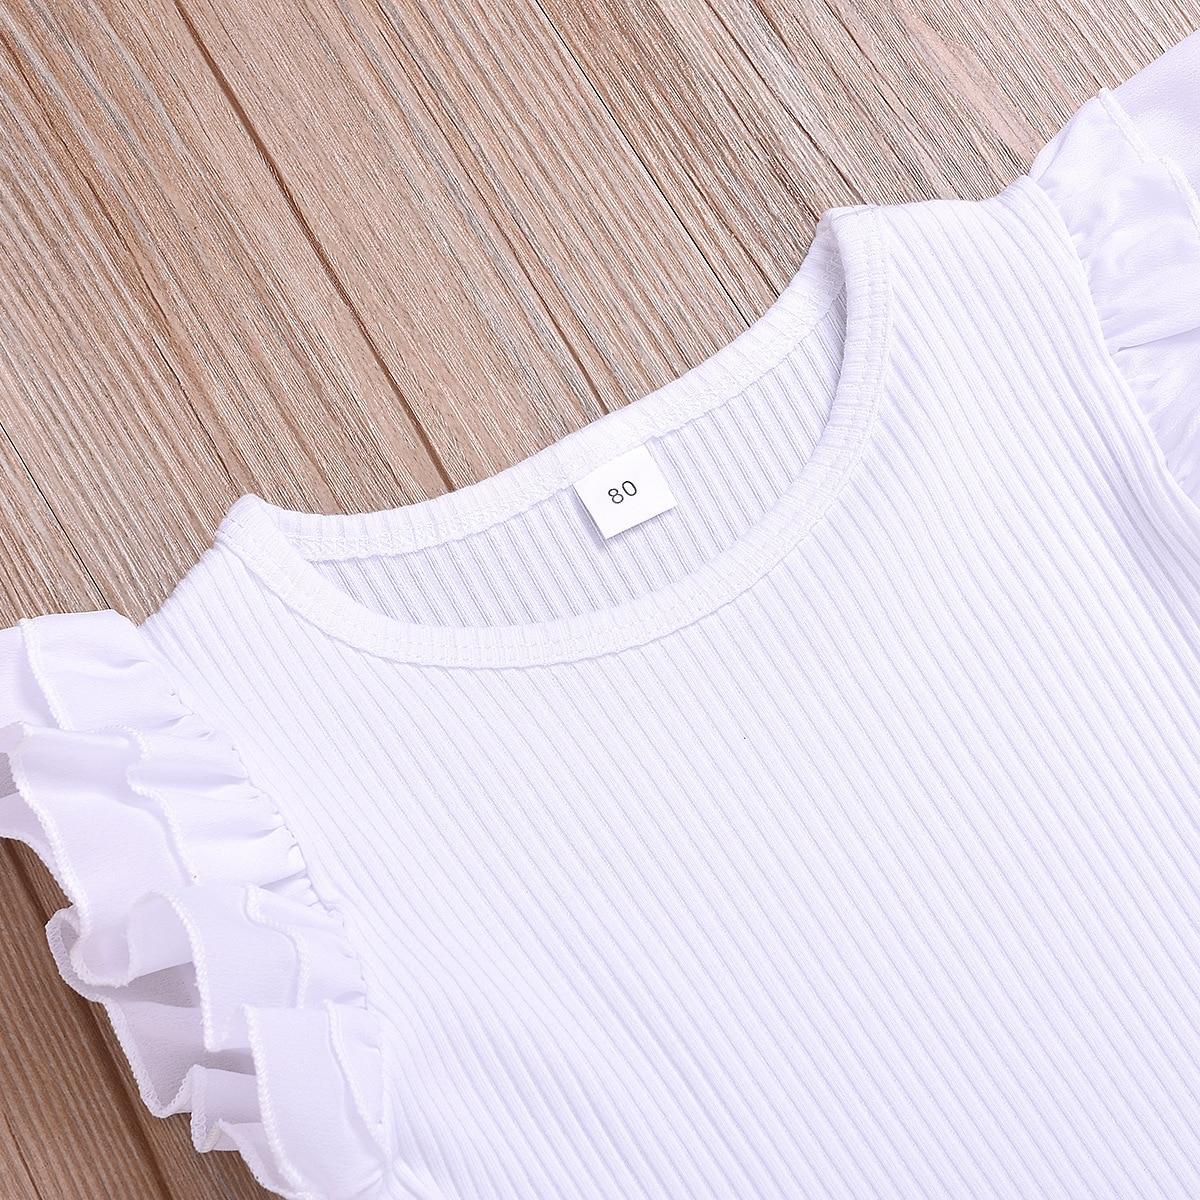 Cotton Printed Strap Dress Suit Girls Clothes L4.17 2